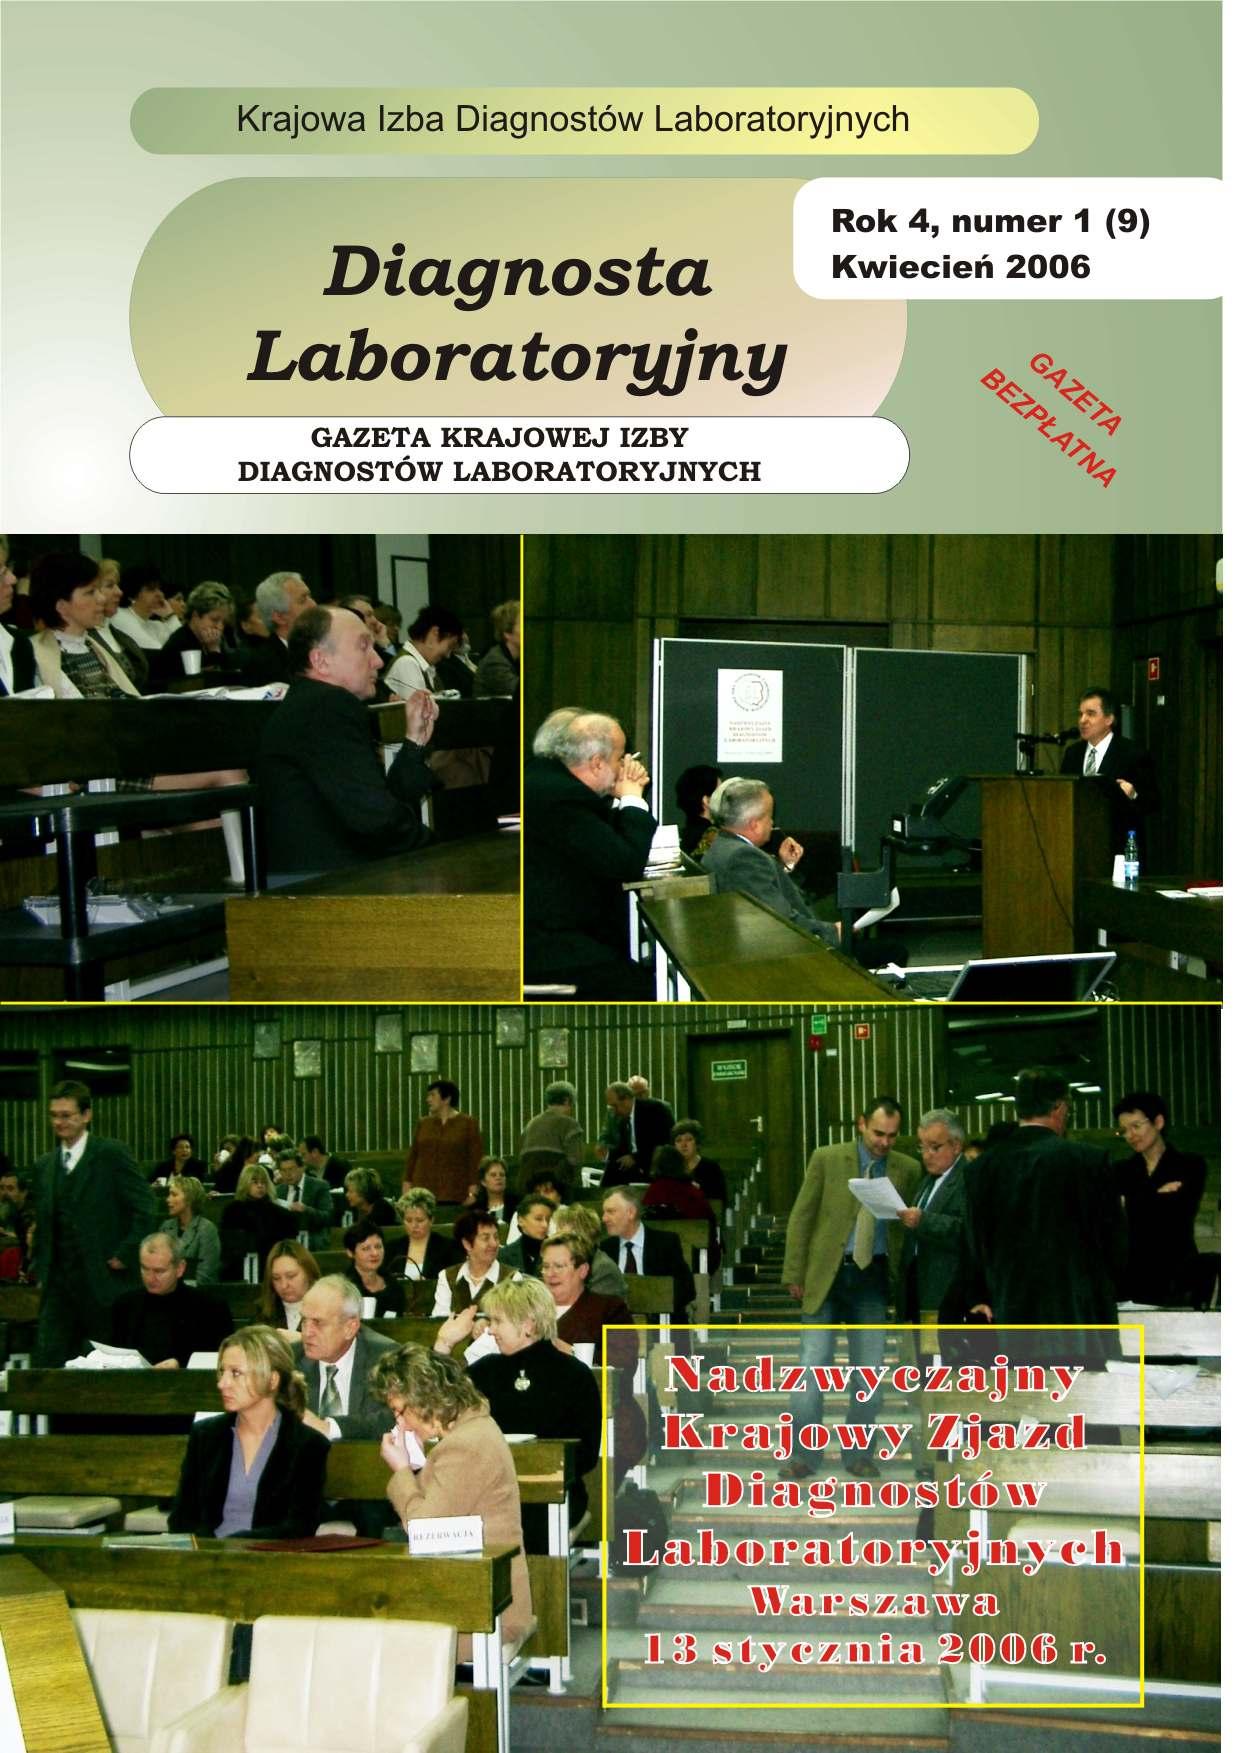 Diagnosta Laboratoryjny - Rok 4, Numer 1 (9) - kwiecień 2006 r.